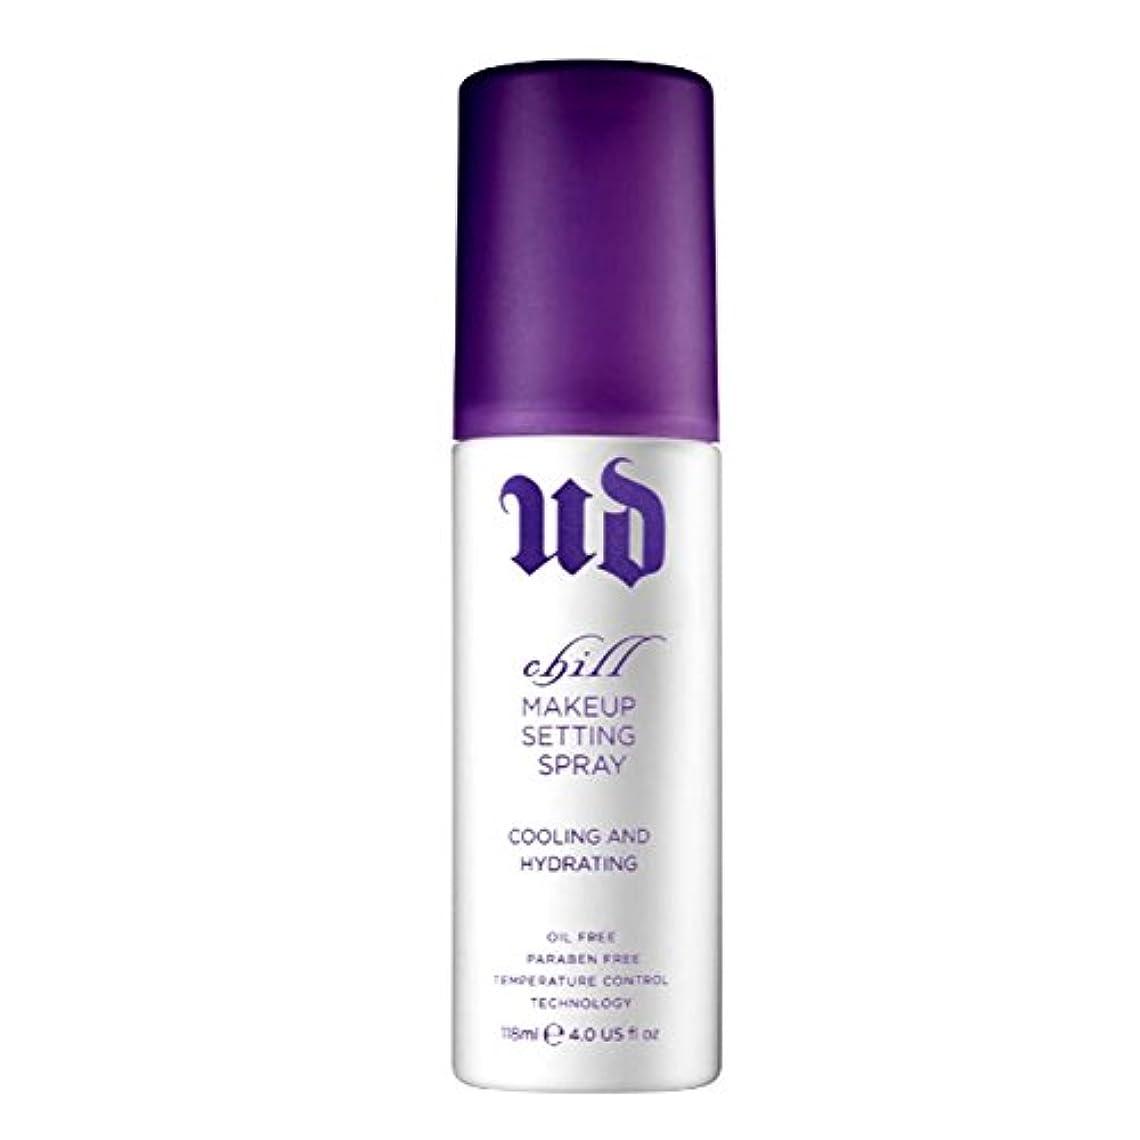 フライト激怒距離URBAN DECAY アーバンディケイ, Chill Make up Setting Spray.Chill スプレーを設定するメイク 4 oz (118 ml) [並行輸入品]